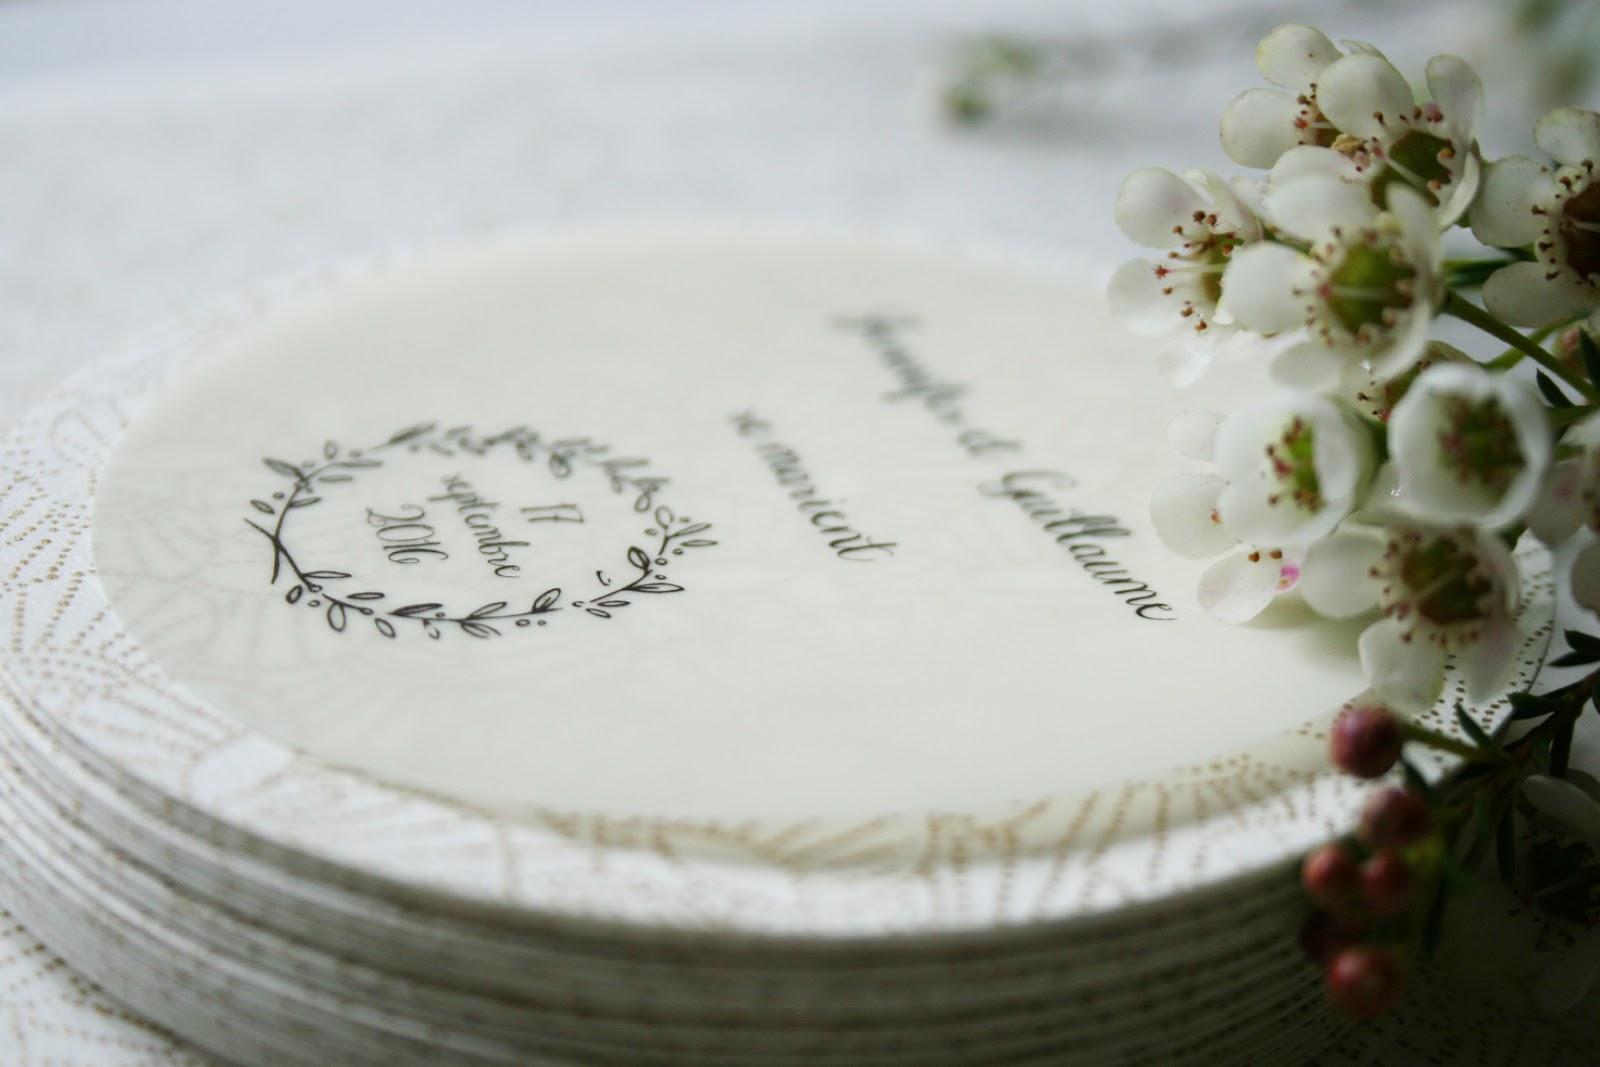 Exceptionnel Fleur de pommier dans son atelier: Mariage chic et champêtre en or  WR36